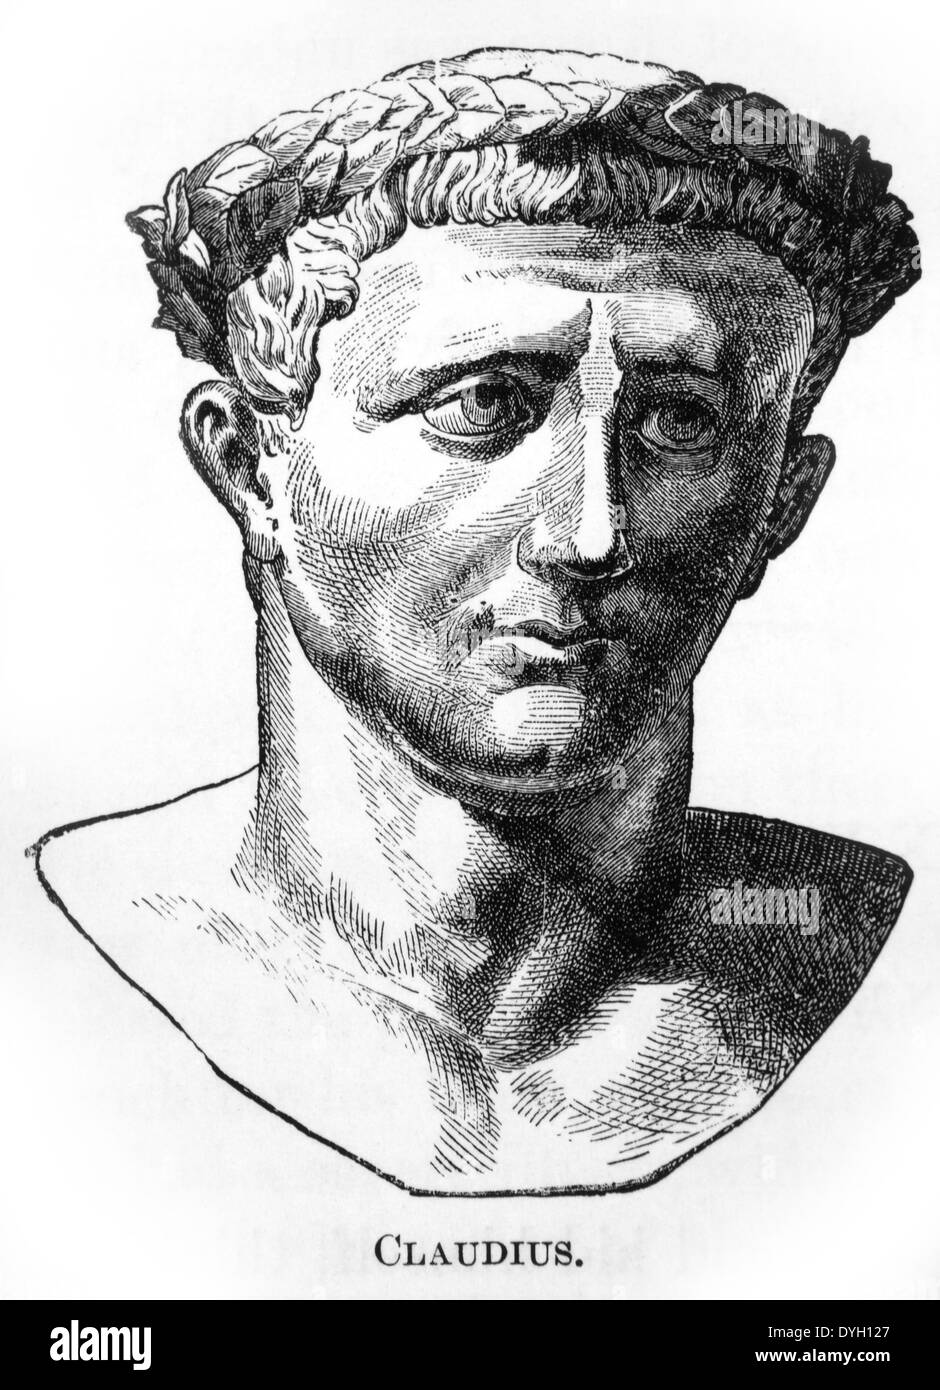 Emperor Claudius (10 BC-54 AD,) Portrait, Engraving, 1882 - Stock Image